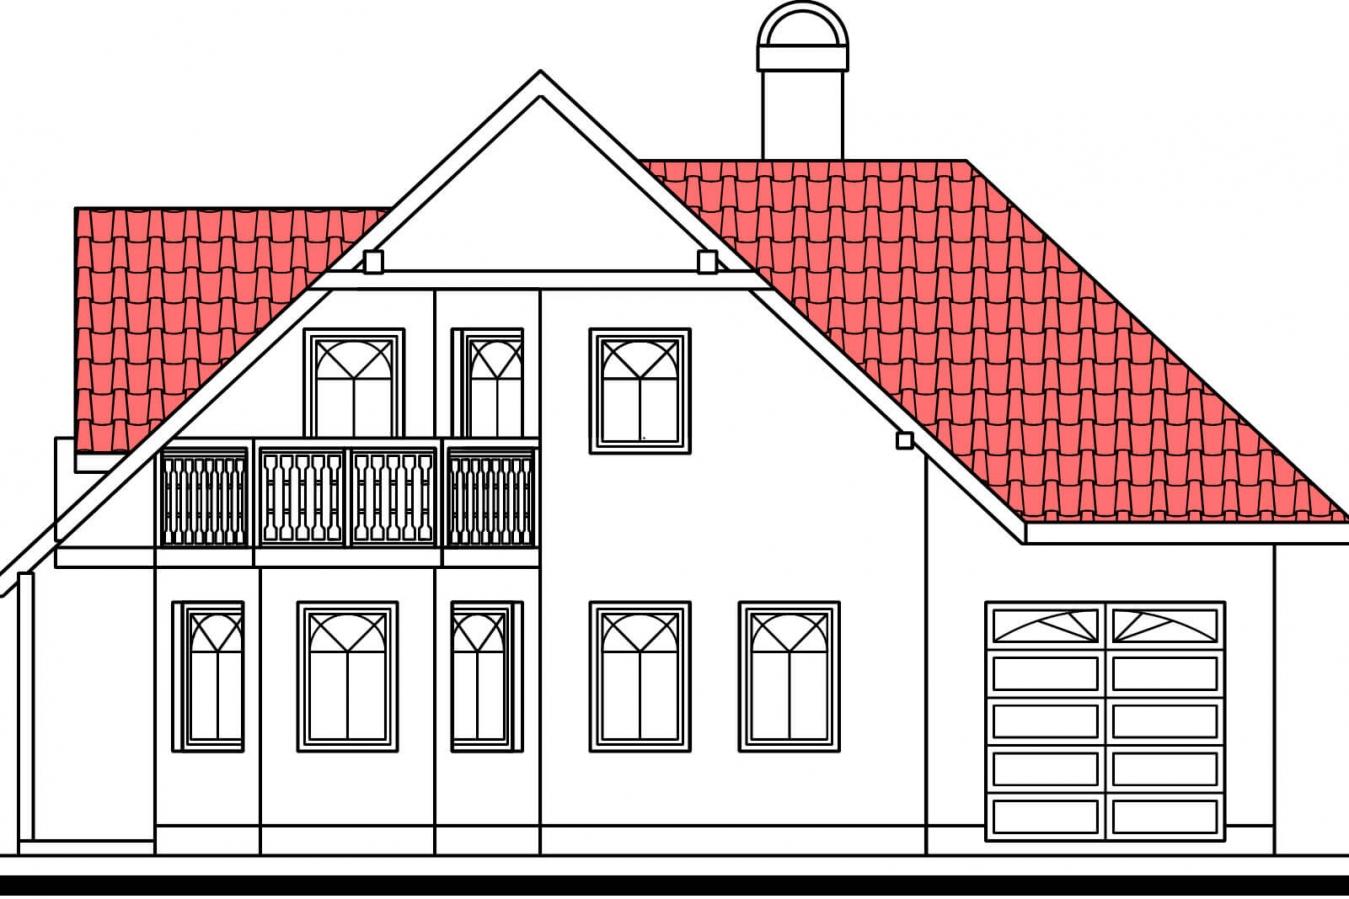 Pohľad 4. - Projekt domu na úzky pozemok so suterénom.